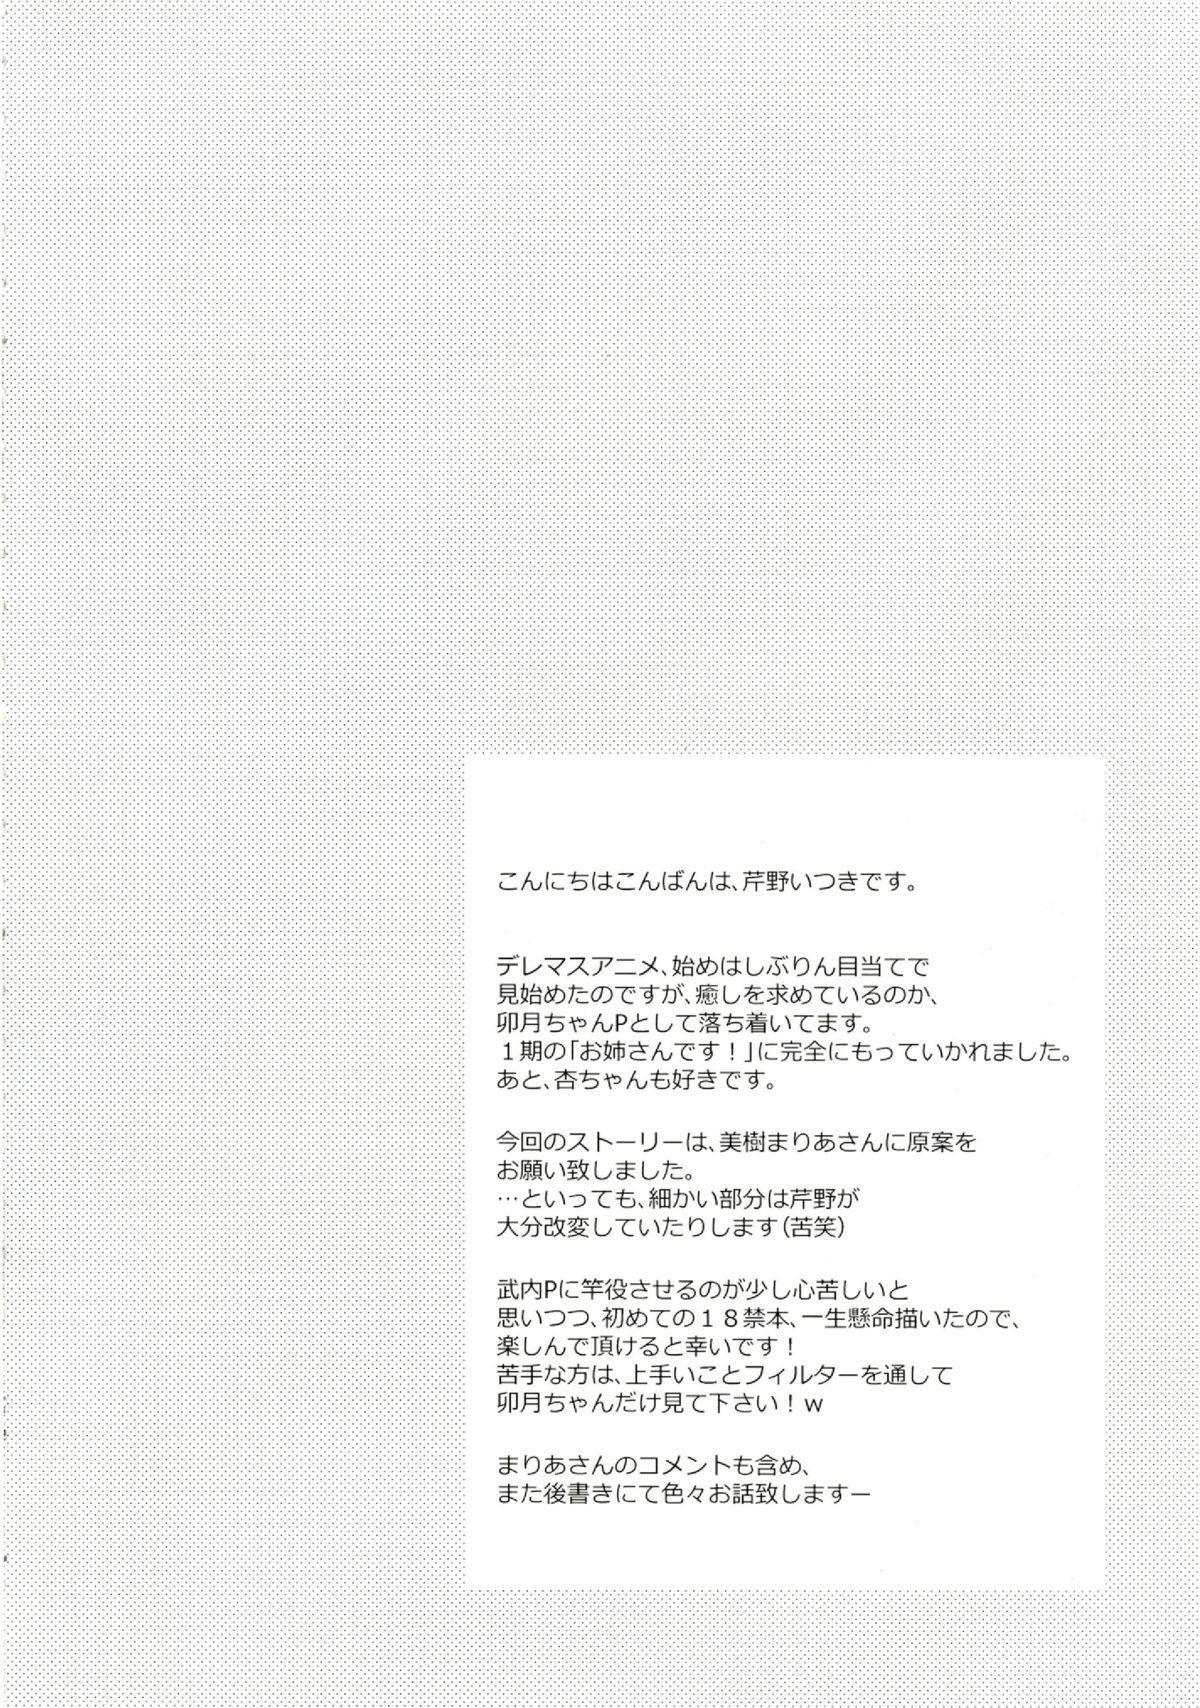 Himitsu no Tokkun 3